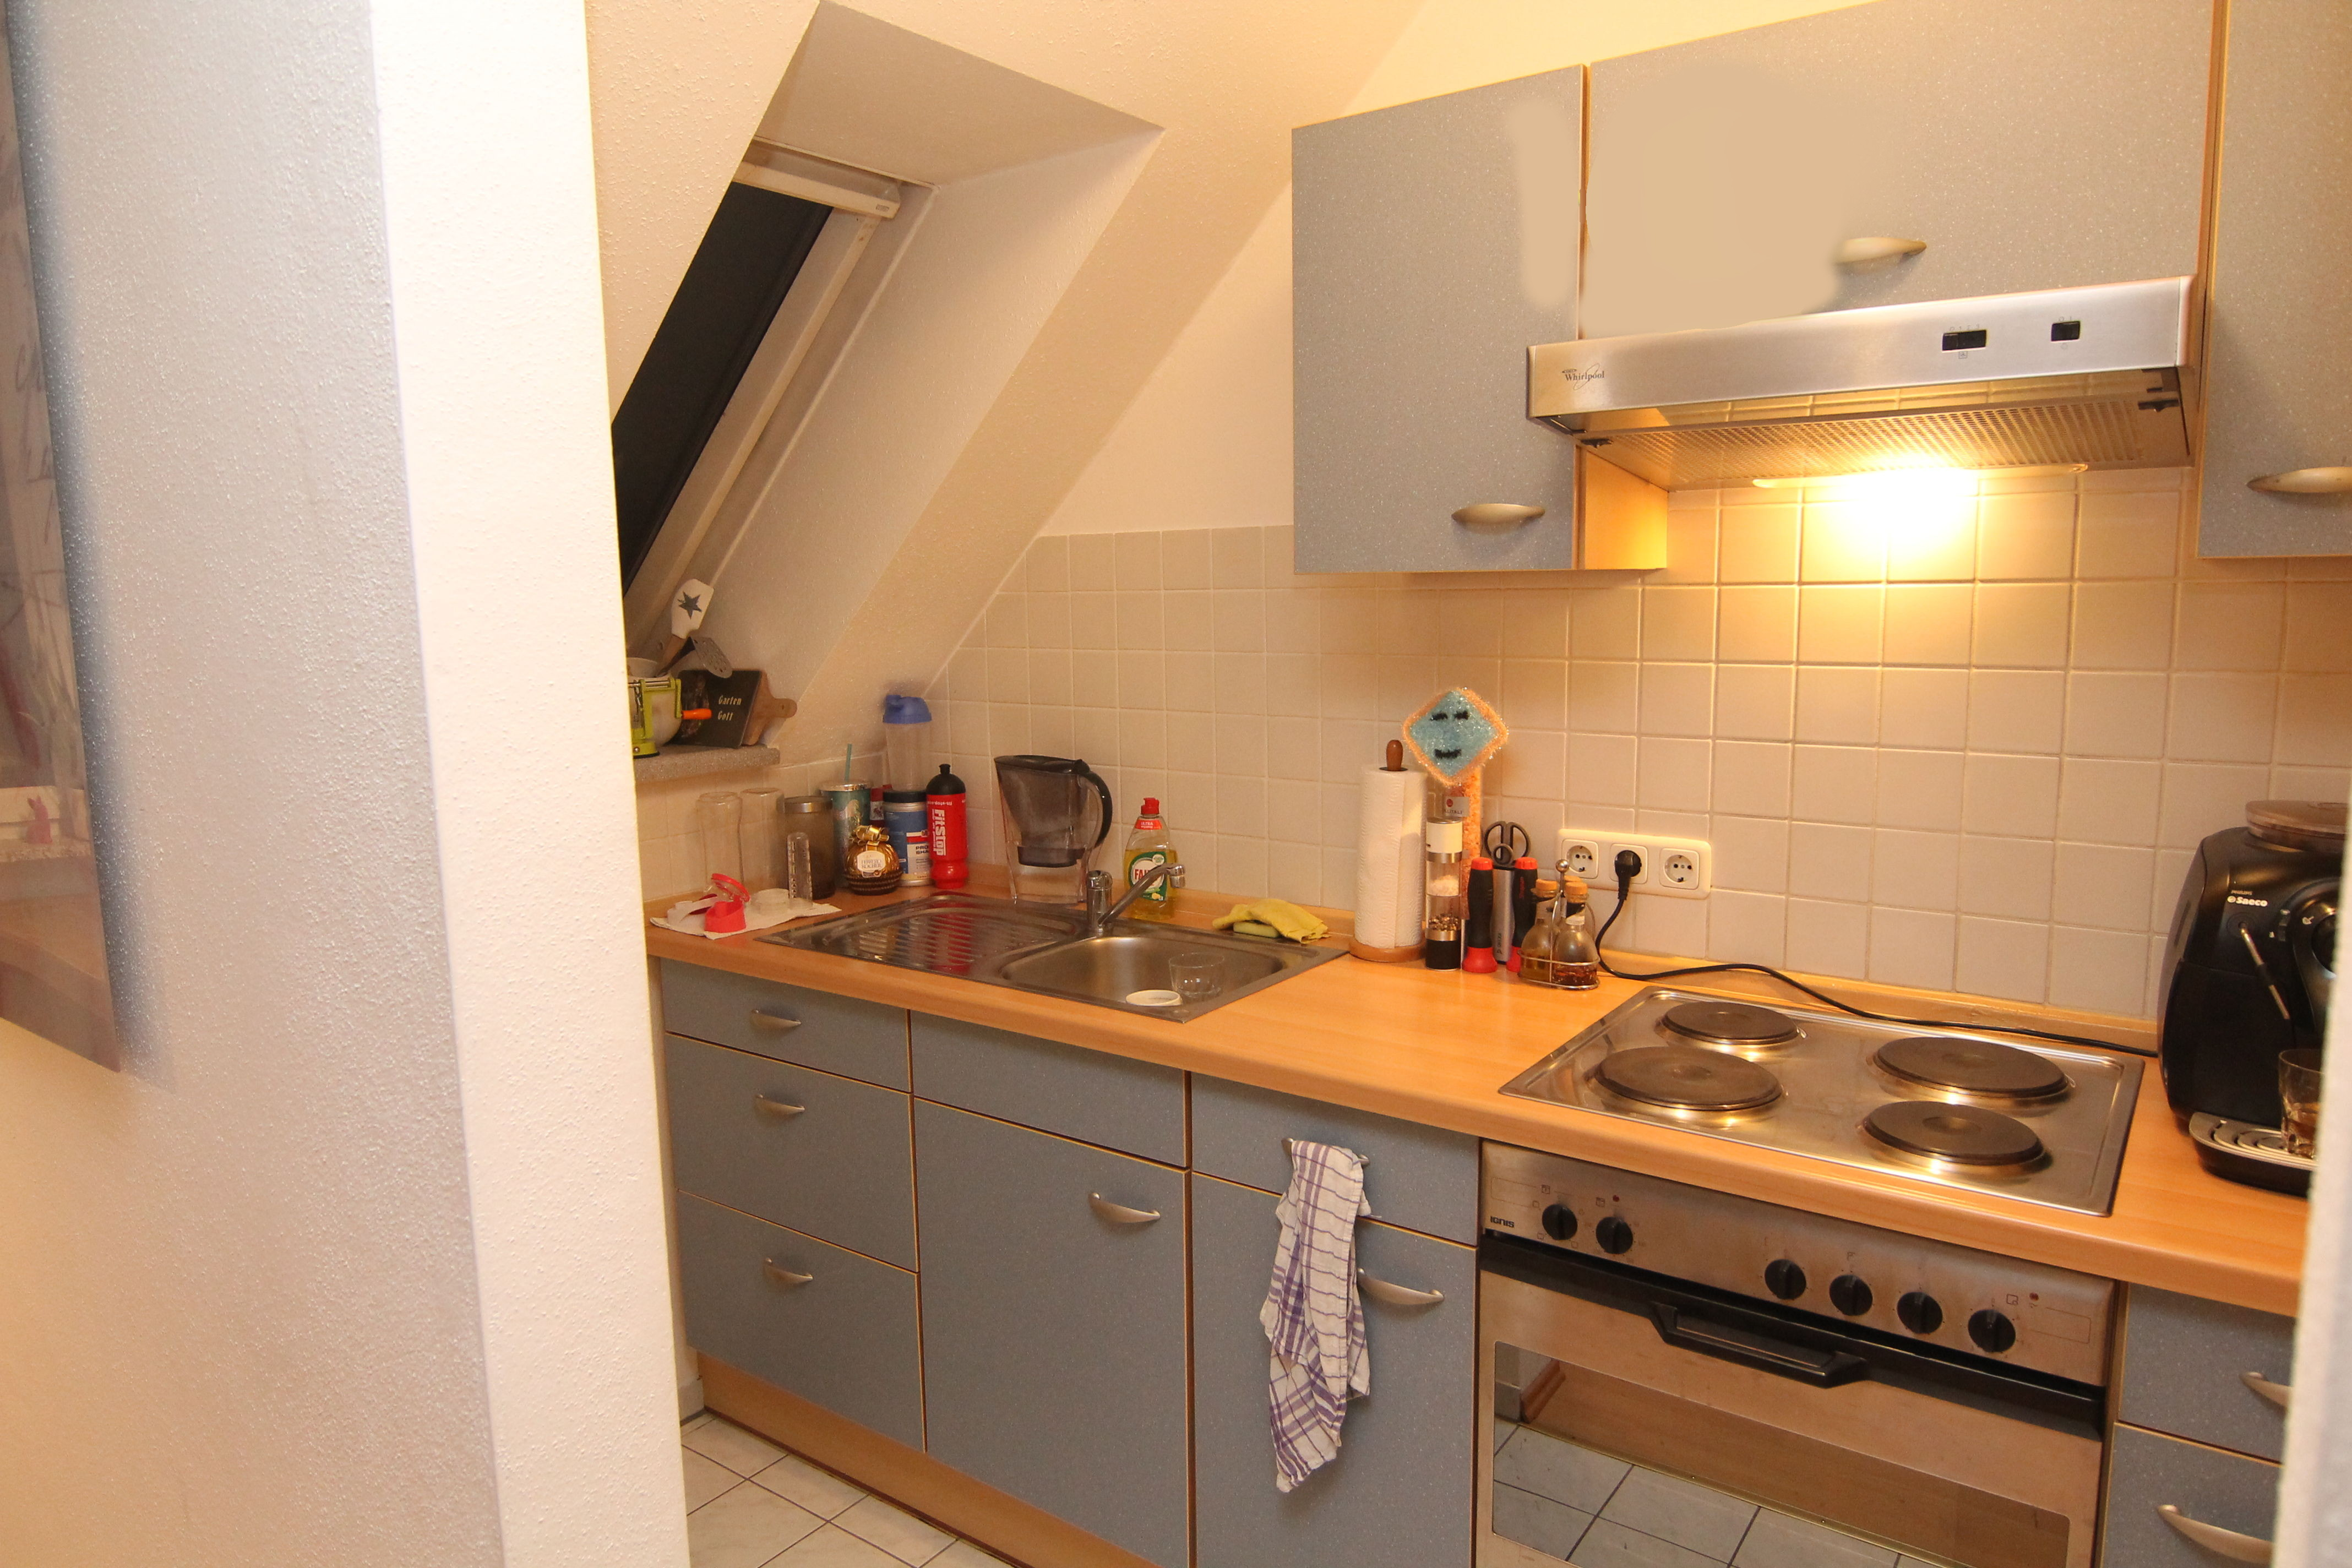 Tolle Land Schicke Küche Bilder - Küchenschrank Ideen - eastbound.info